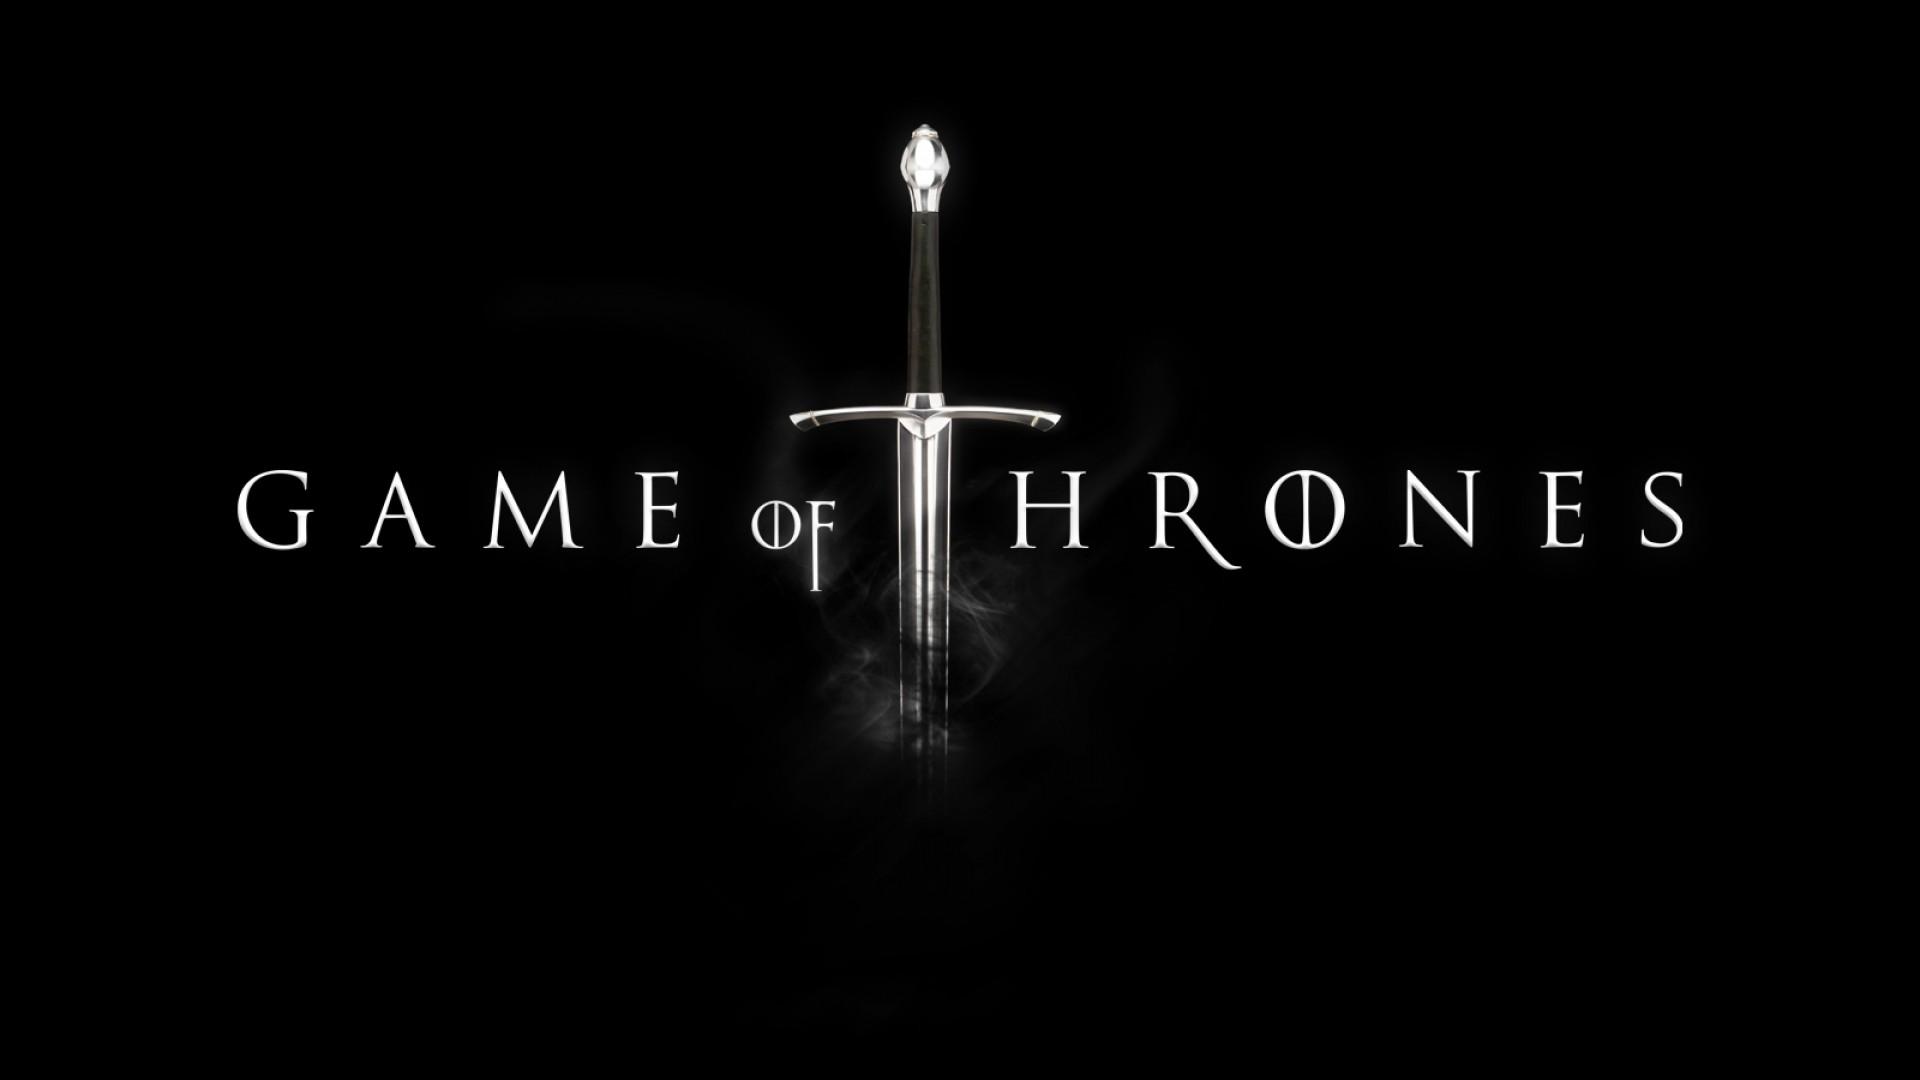 ¡Una actriz de Game of Trones se comprometió!